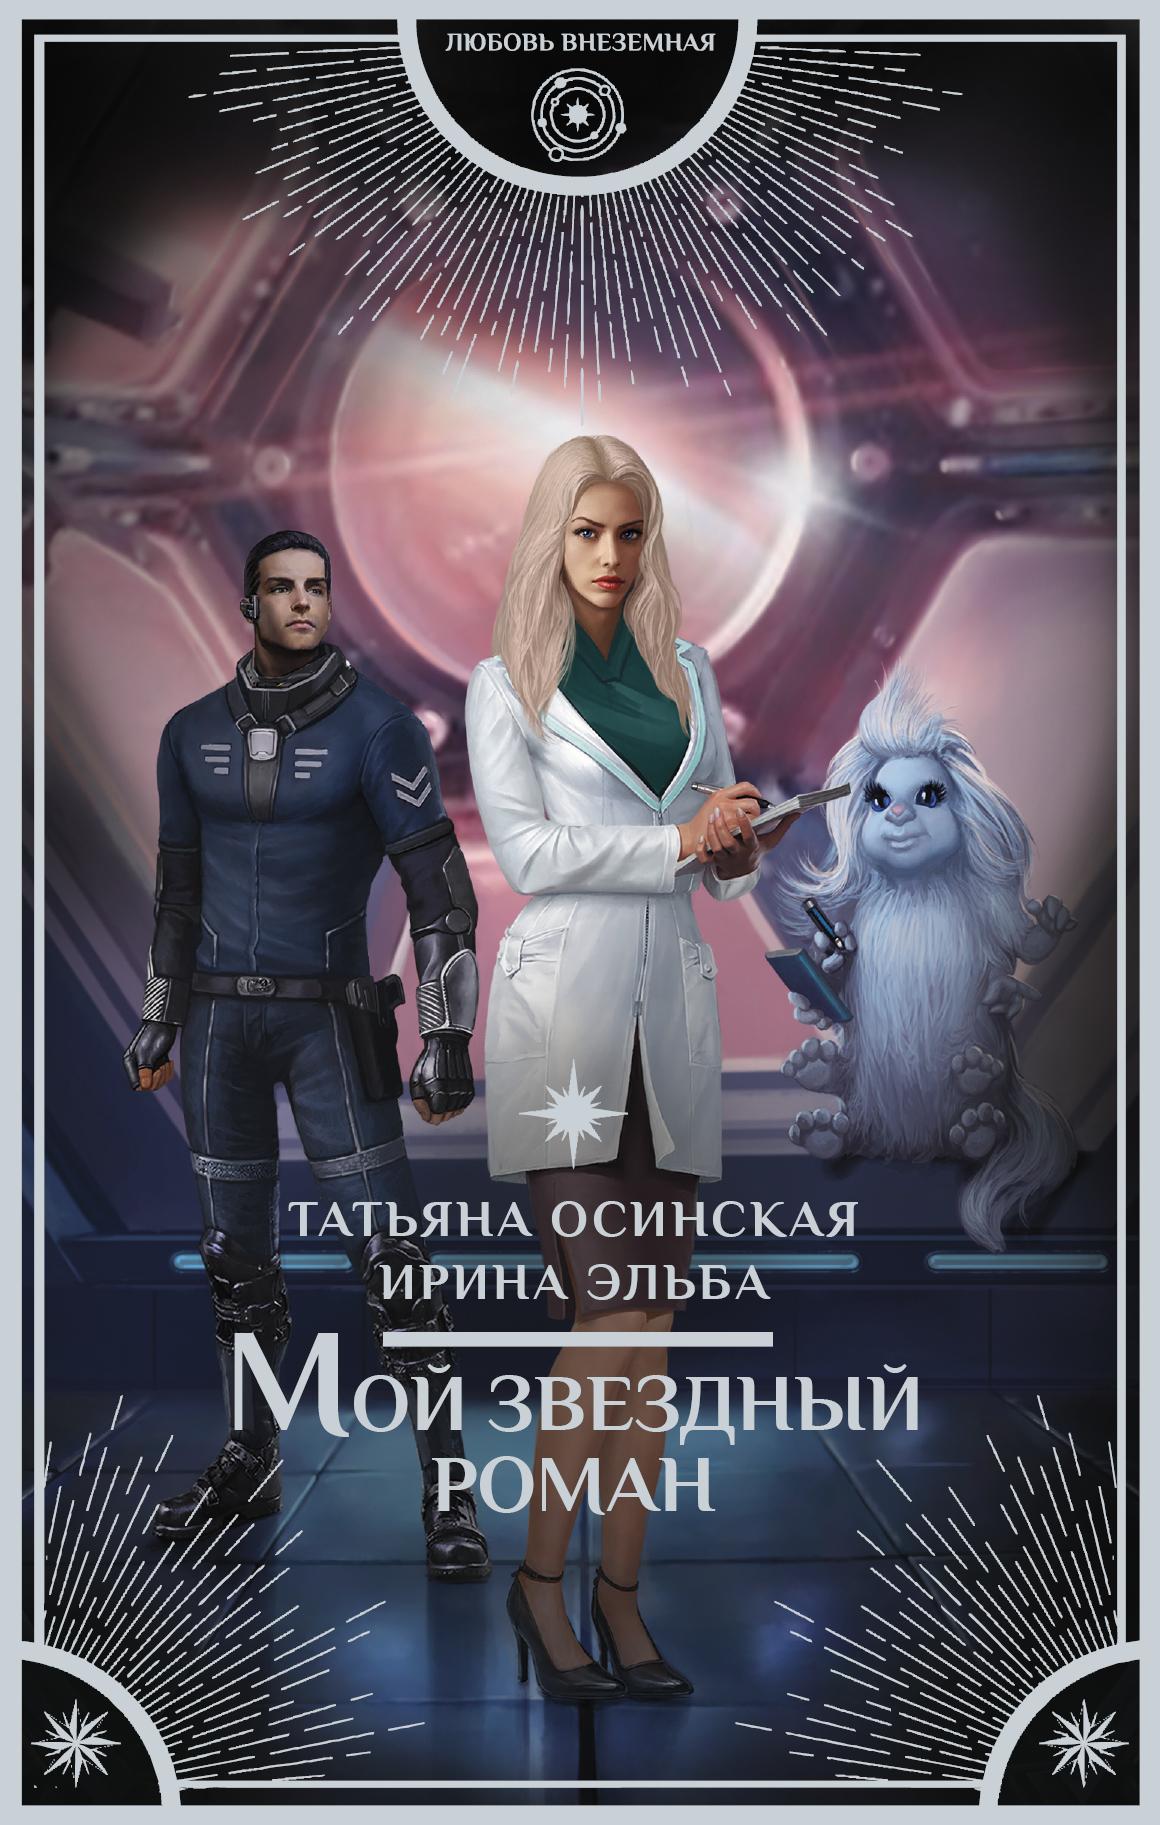 Татьяна Осинская, Ирина Эльба Мой звездный роман цена и фото